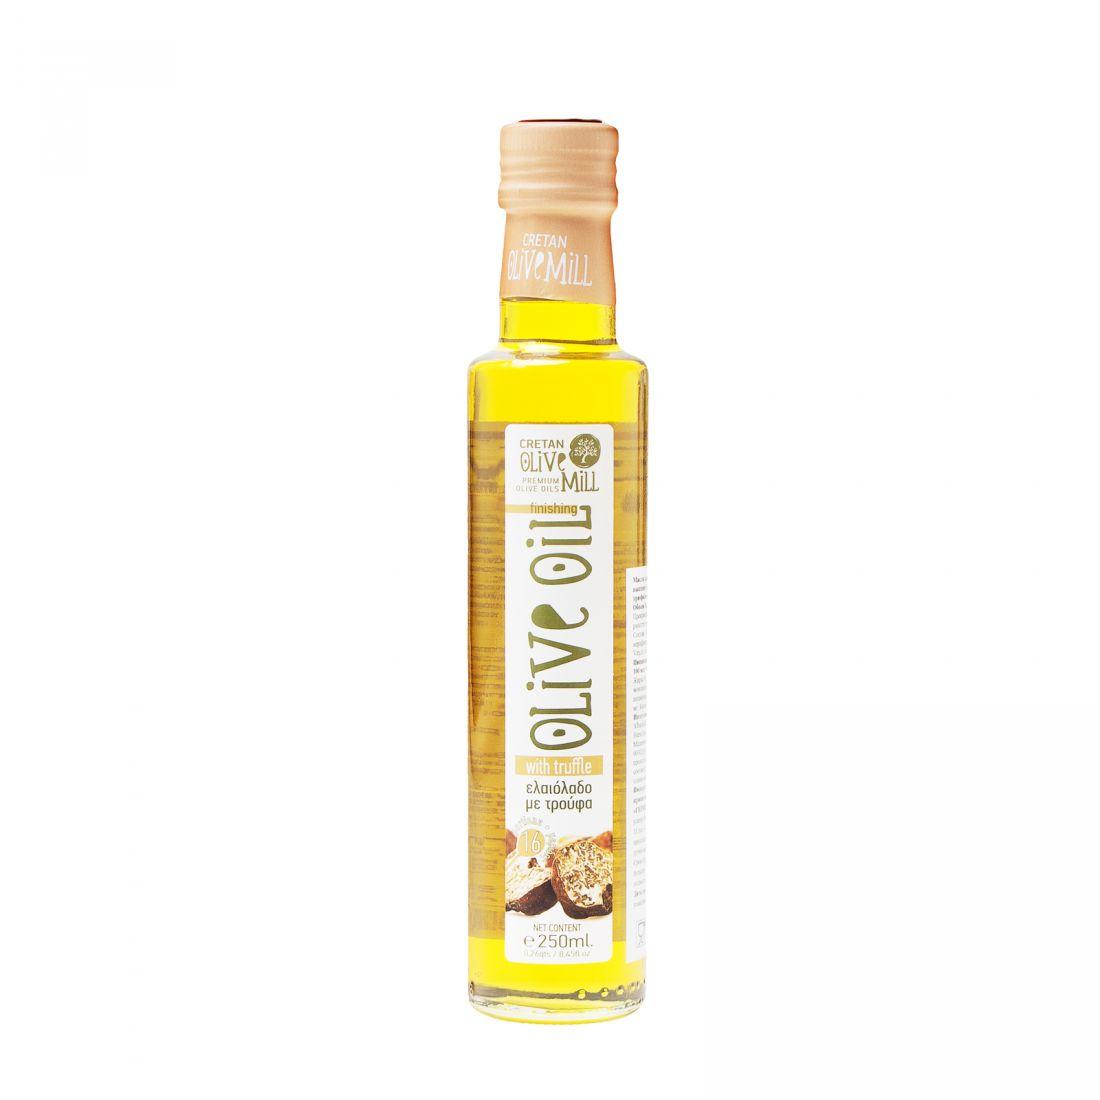 Оливковое масло с трюфелем CRETAN MILL  - 250 мл экстра вирджин